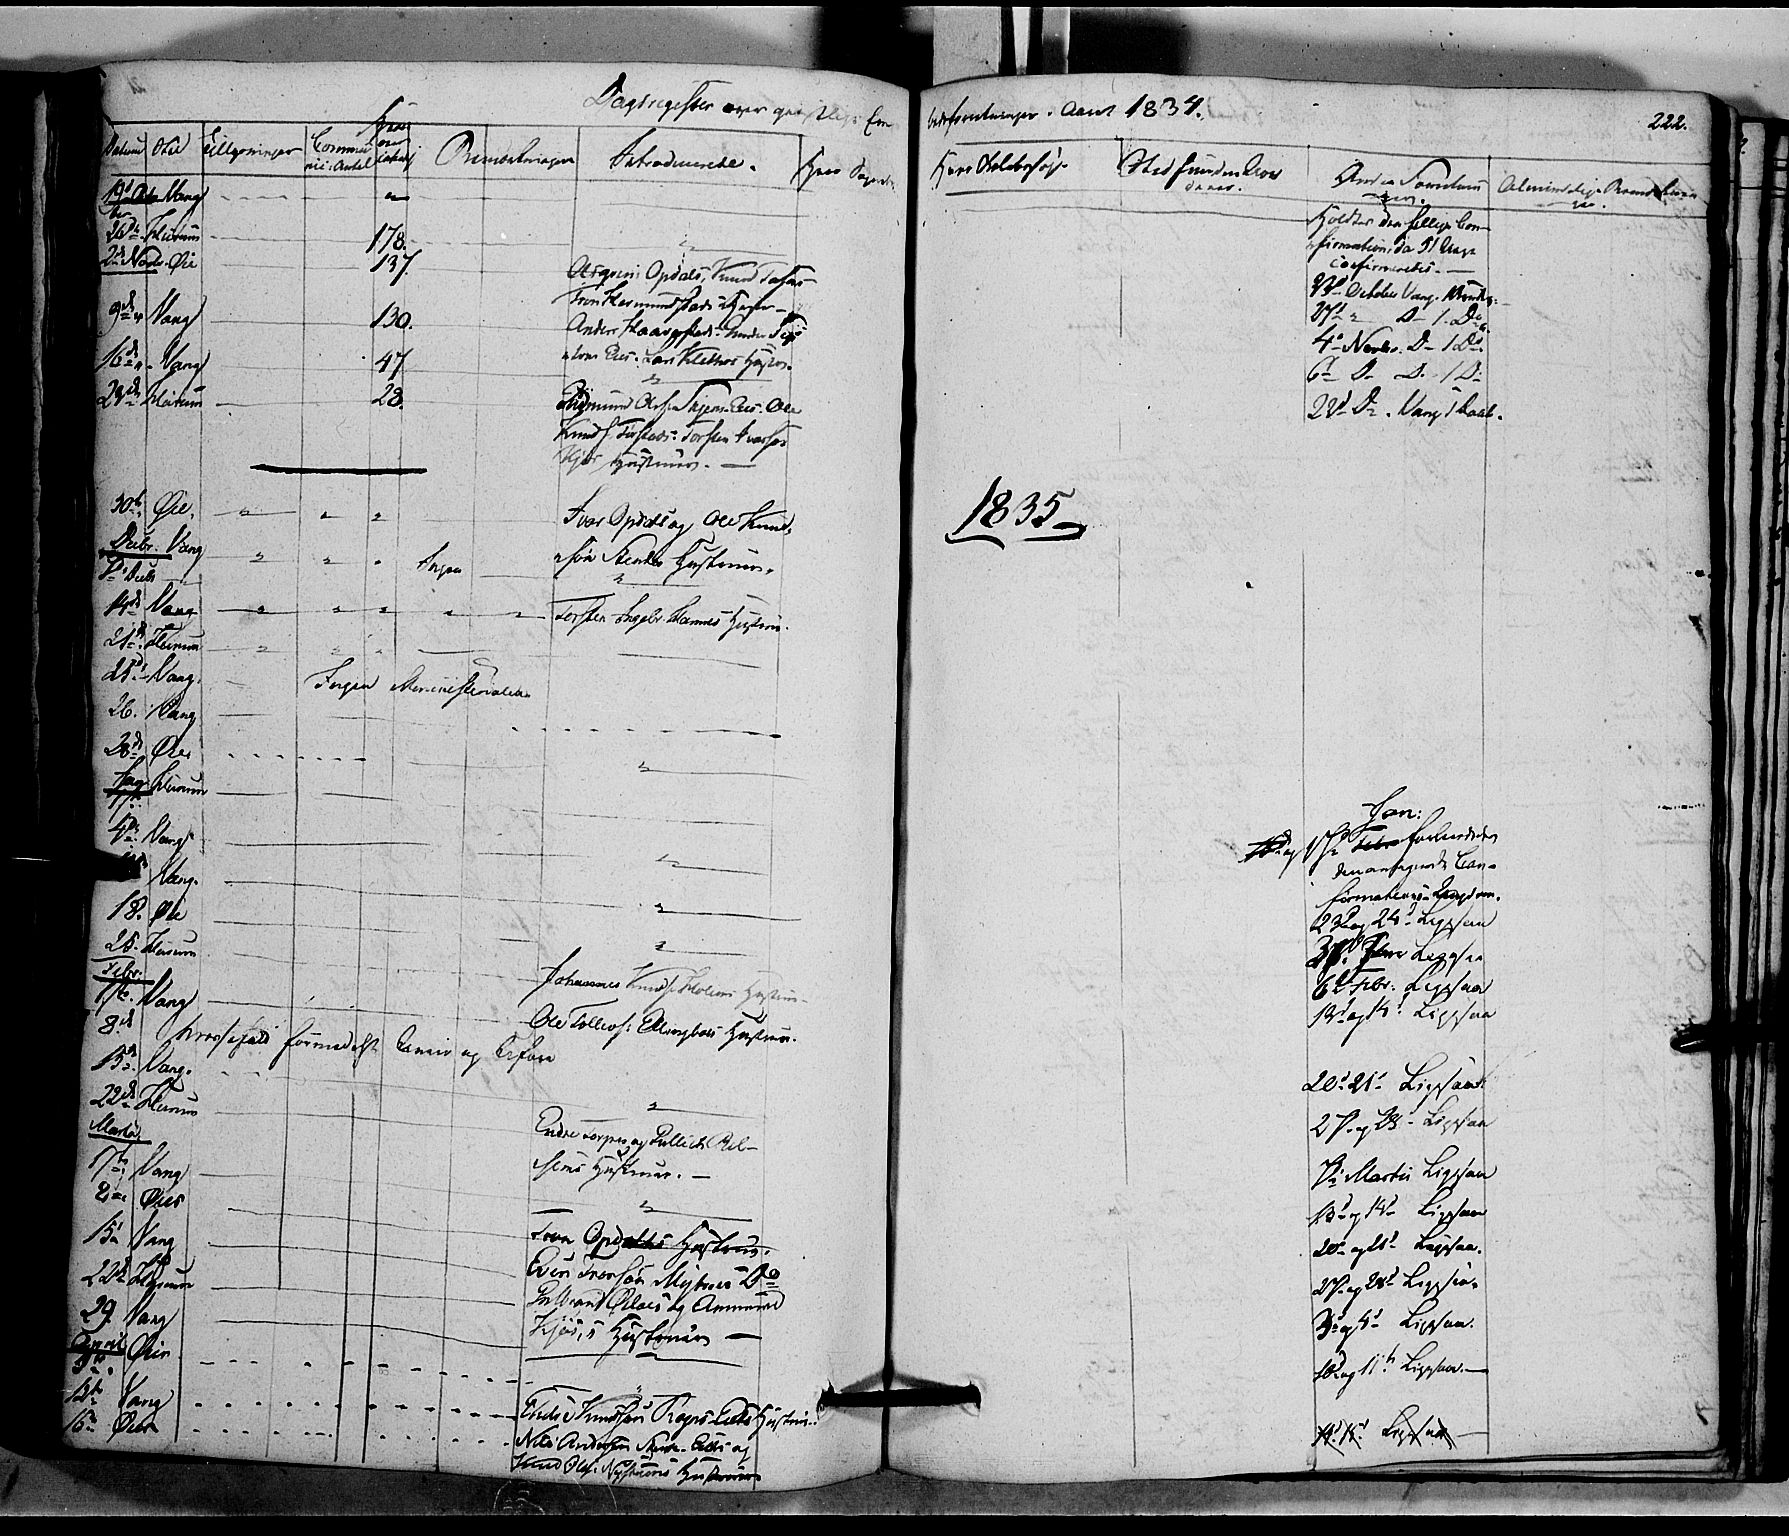 SAH, Vang prestekontor, Valdres, Ministerialbok nr. 5, 1831-1845, s. 222